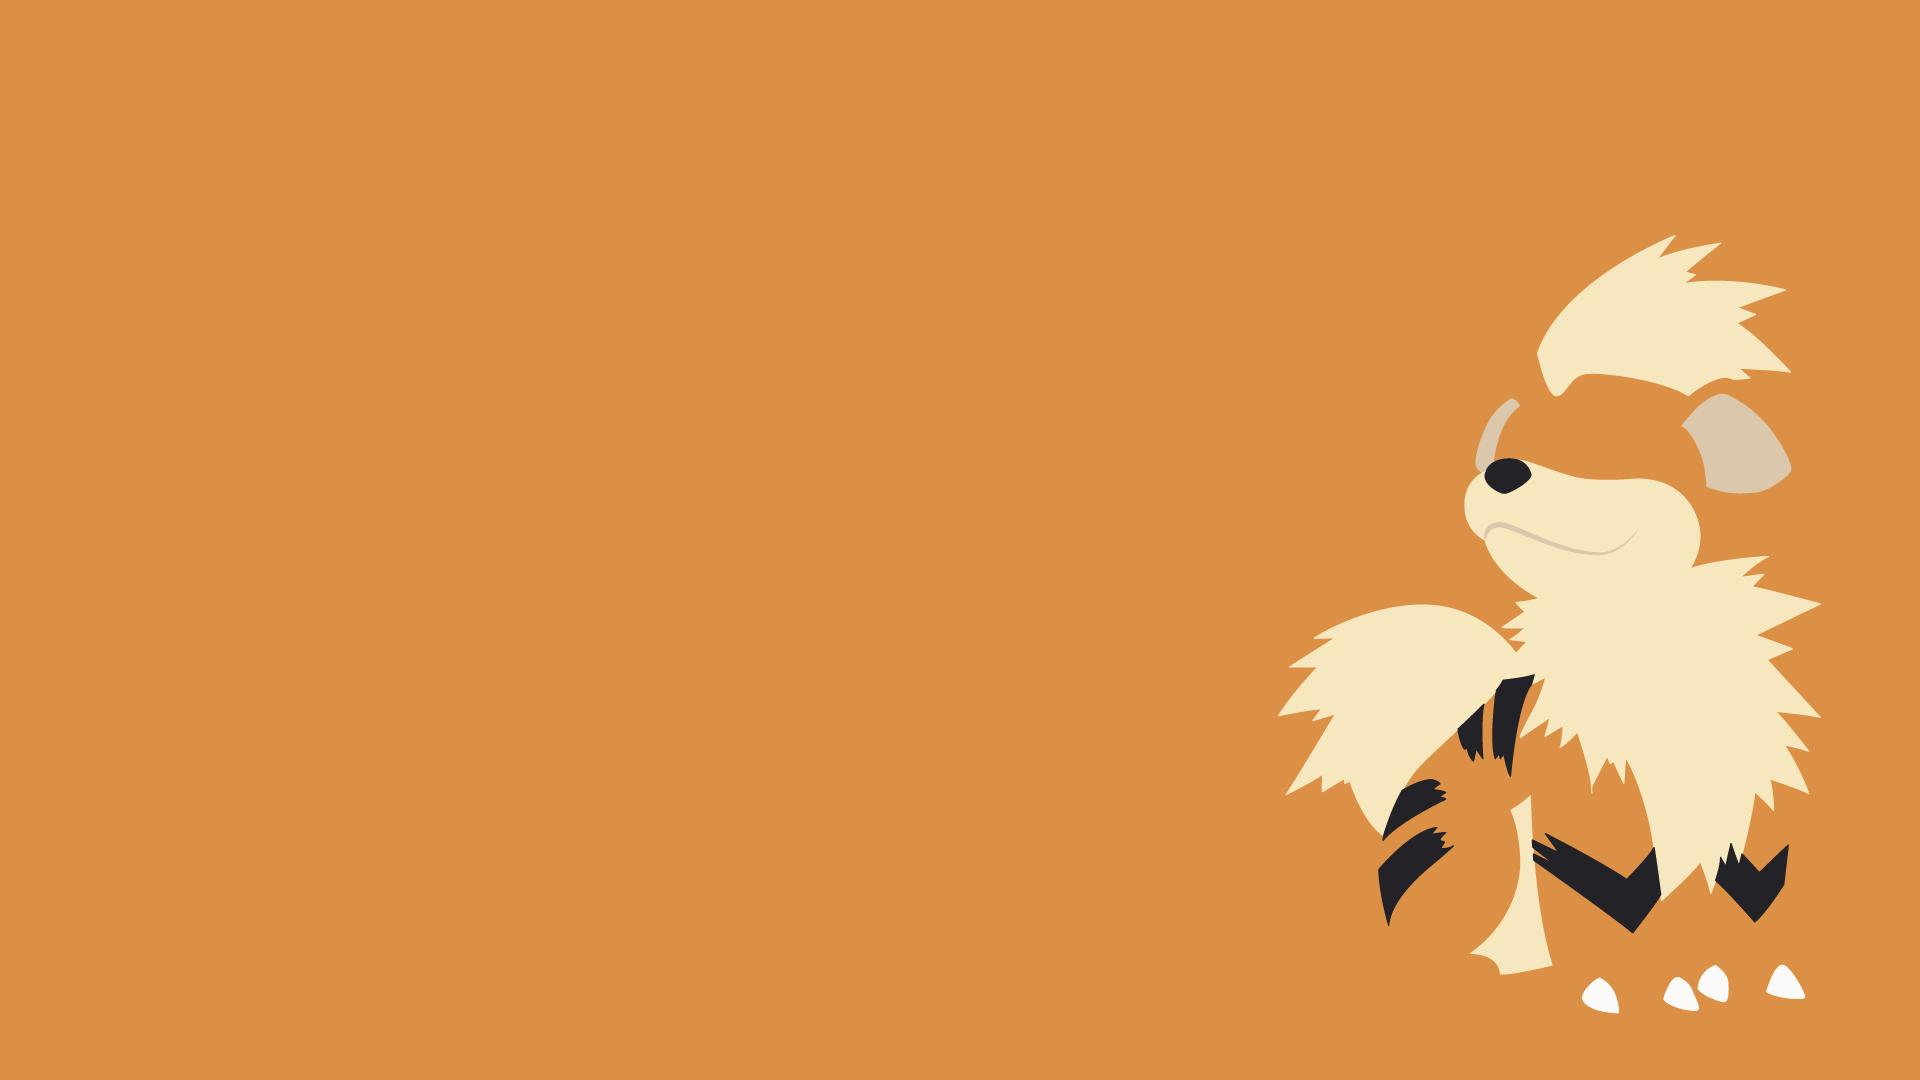 Growlithe Pokemon 1920x1080